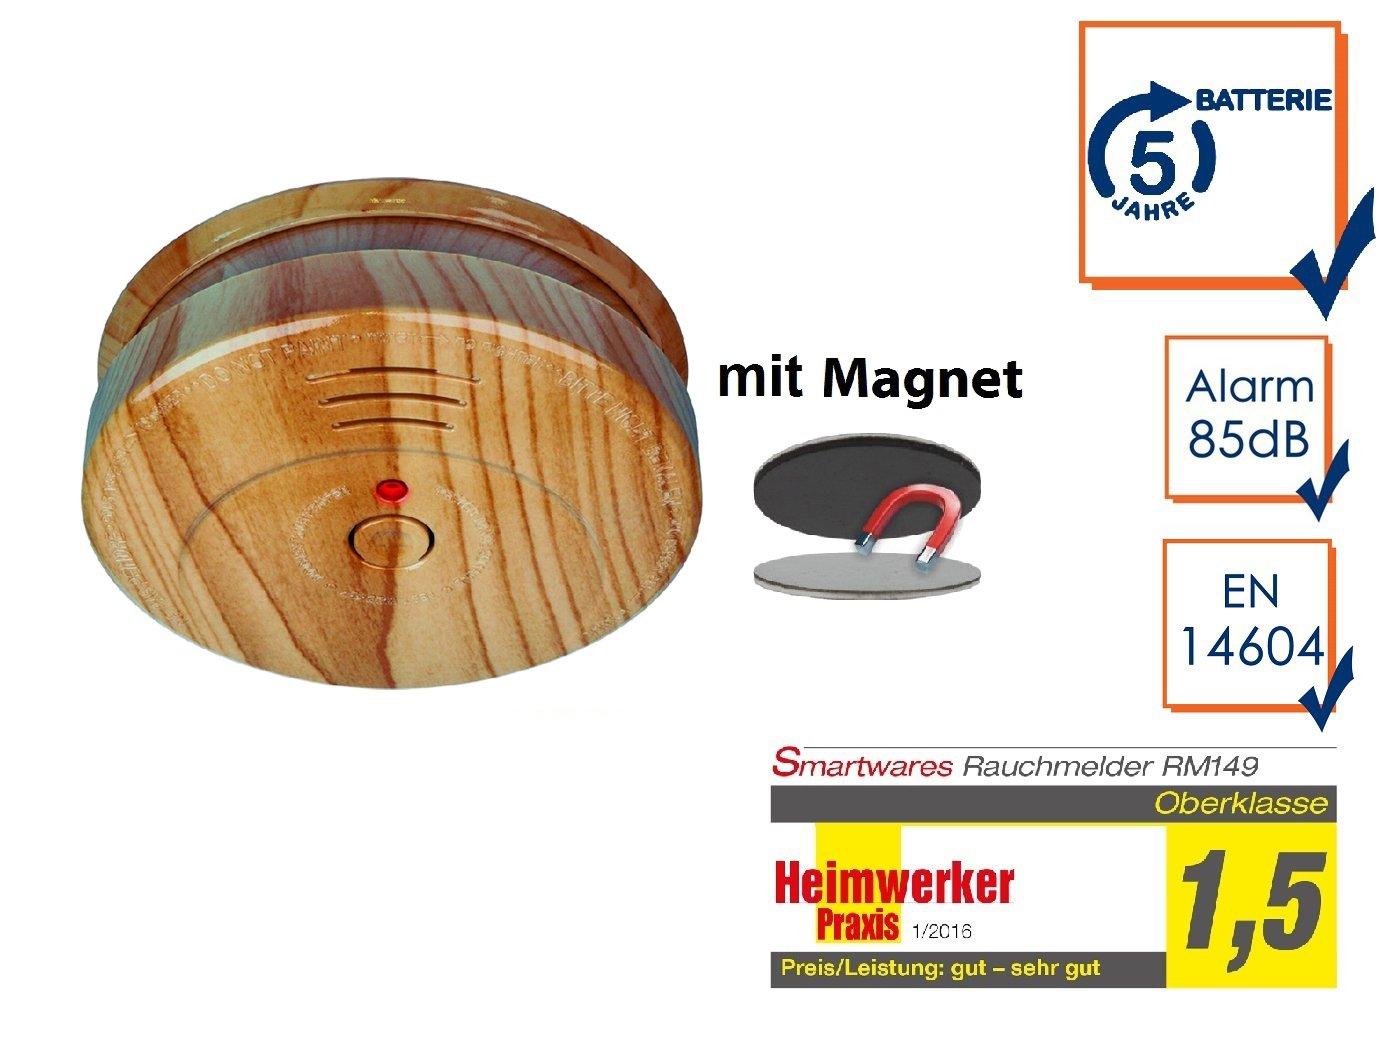 Feuermelder Feueralarm 6er SET Rauchmelder Holzoptik mit EASY Magnethalterung